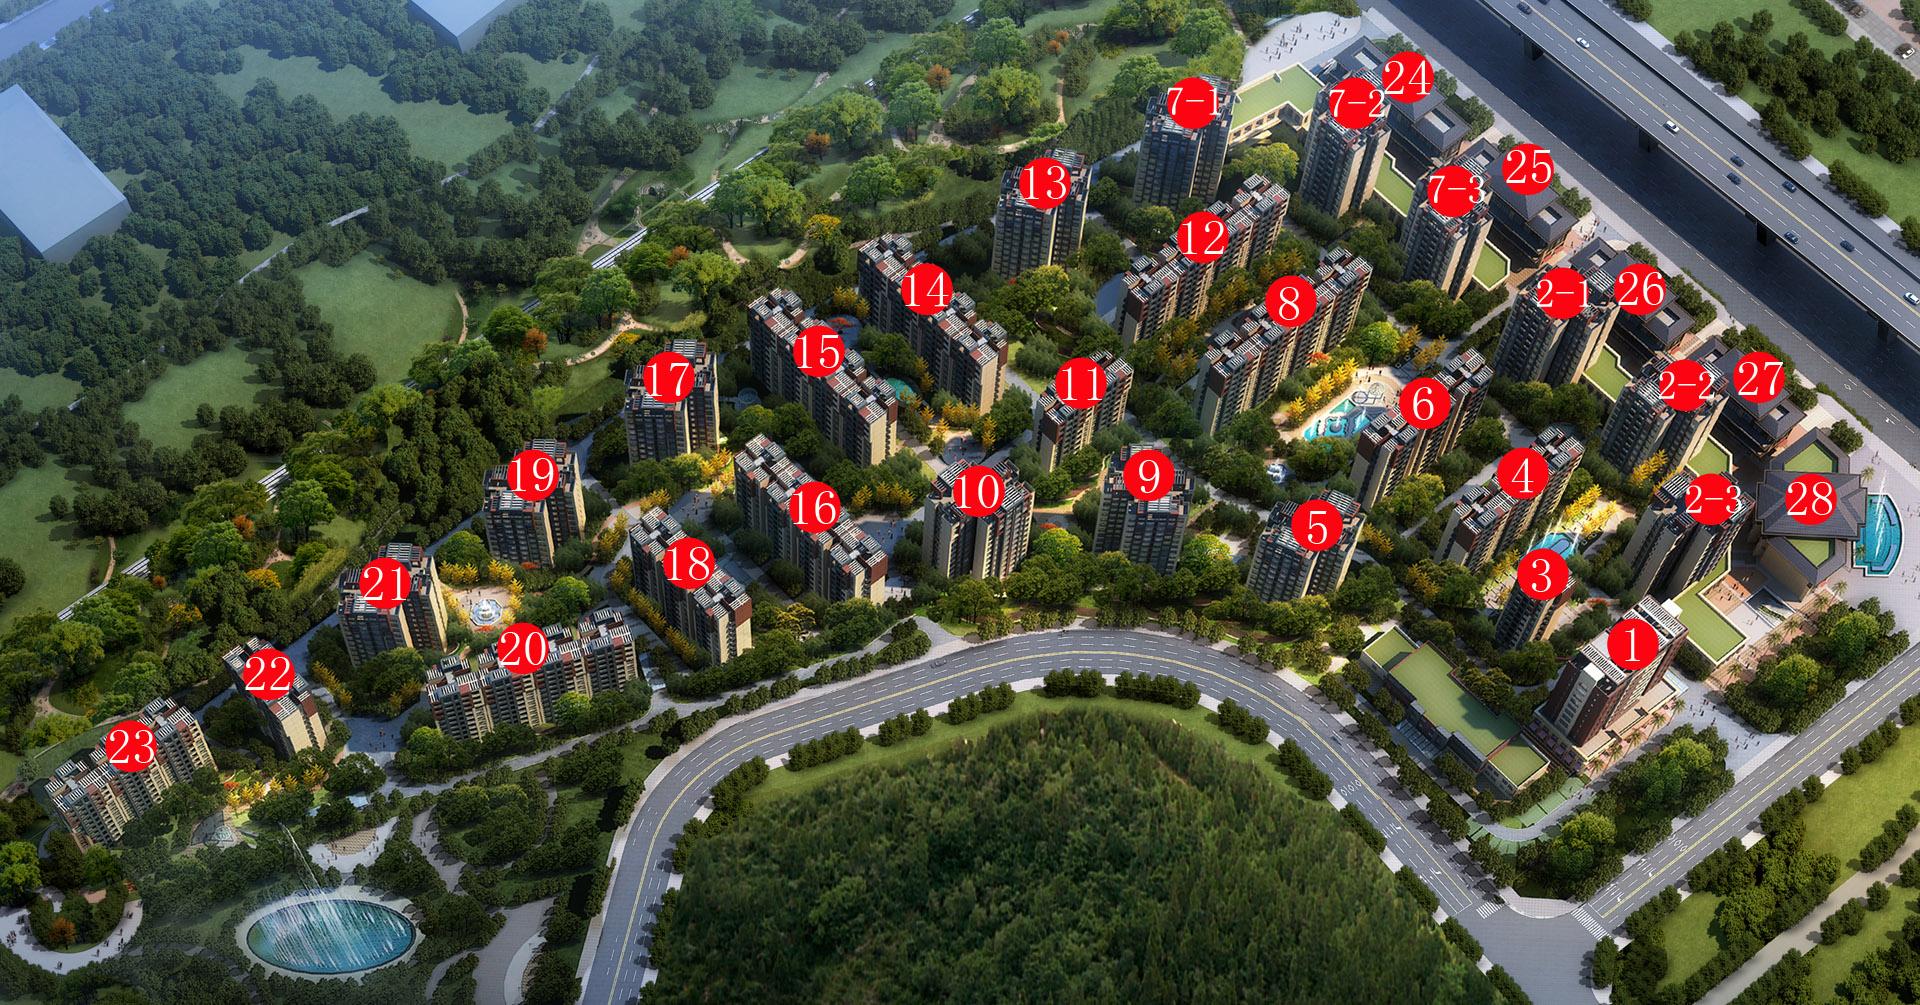 现代欧式园林社区结合青龙山原貌景观设计一步一景